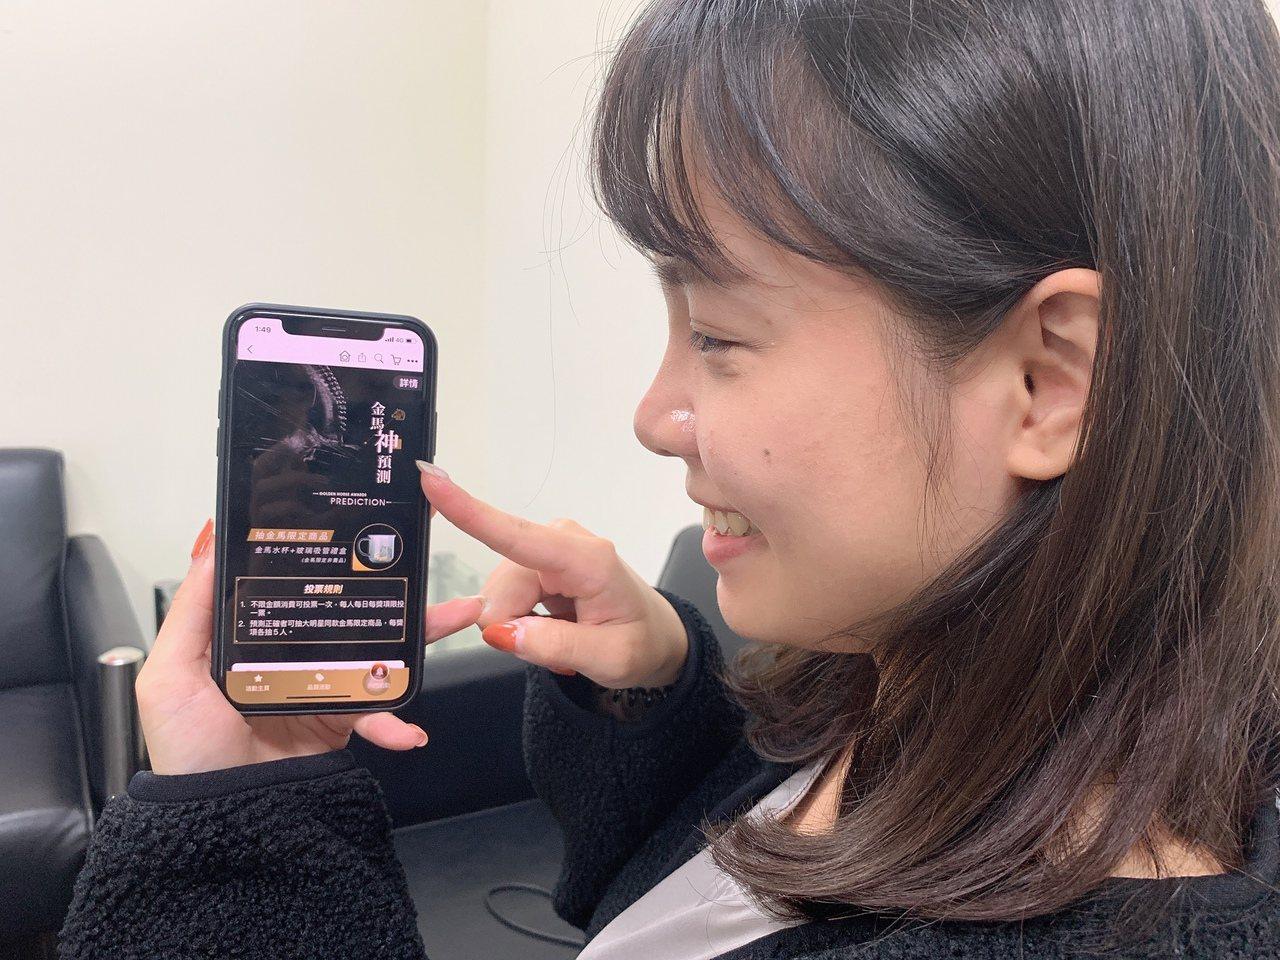 momo購物網舉辦「金馬獎神預測」活動,11月23日下午5點前不限金額消費當天即...